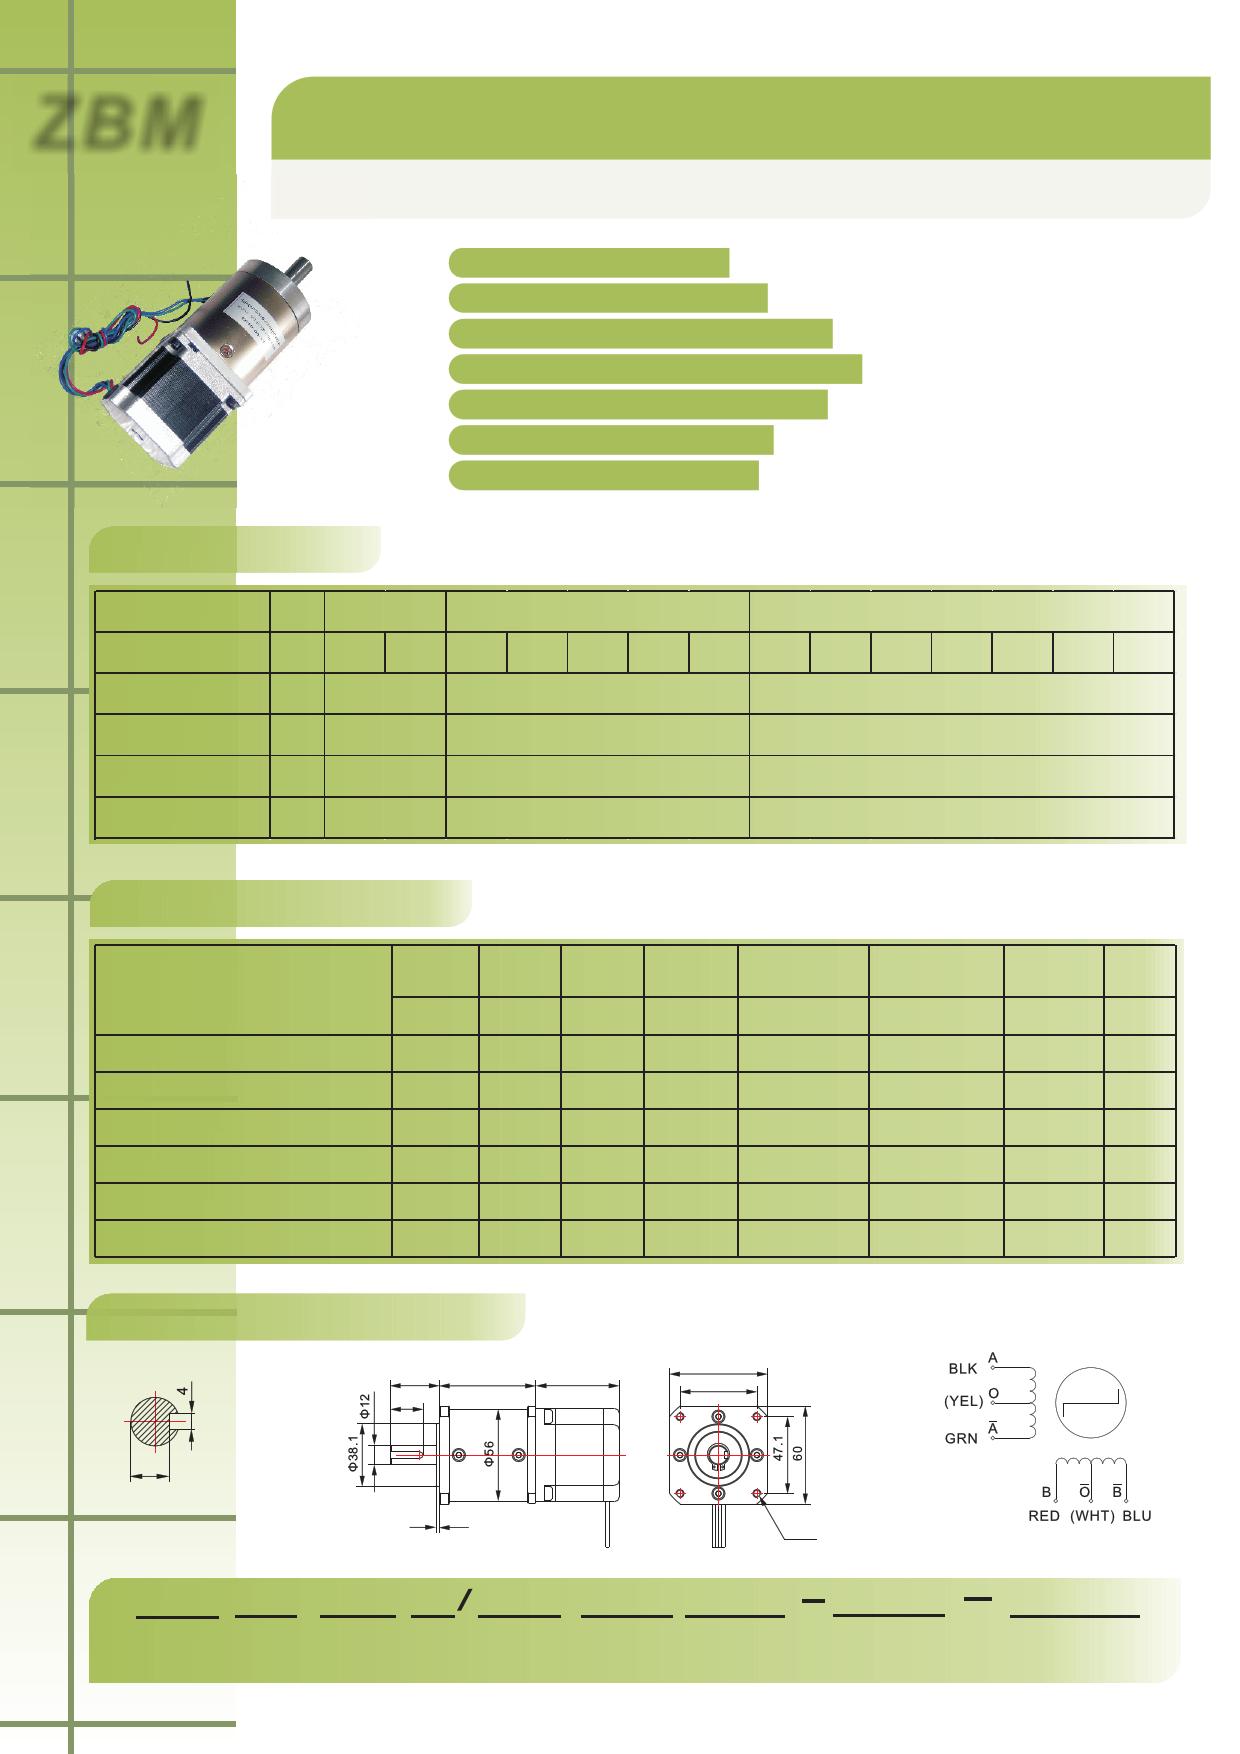 57BYGH datasheet, circuit